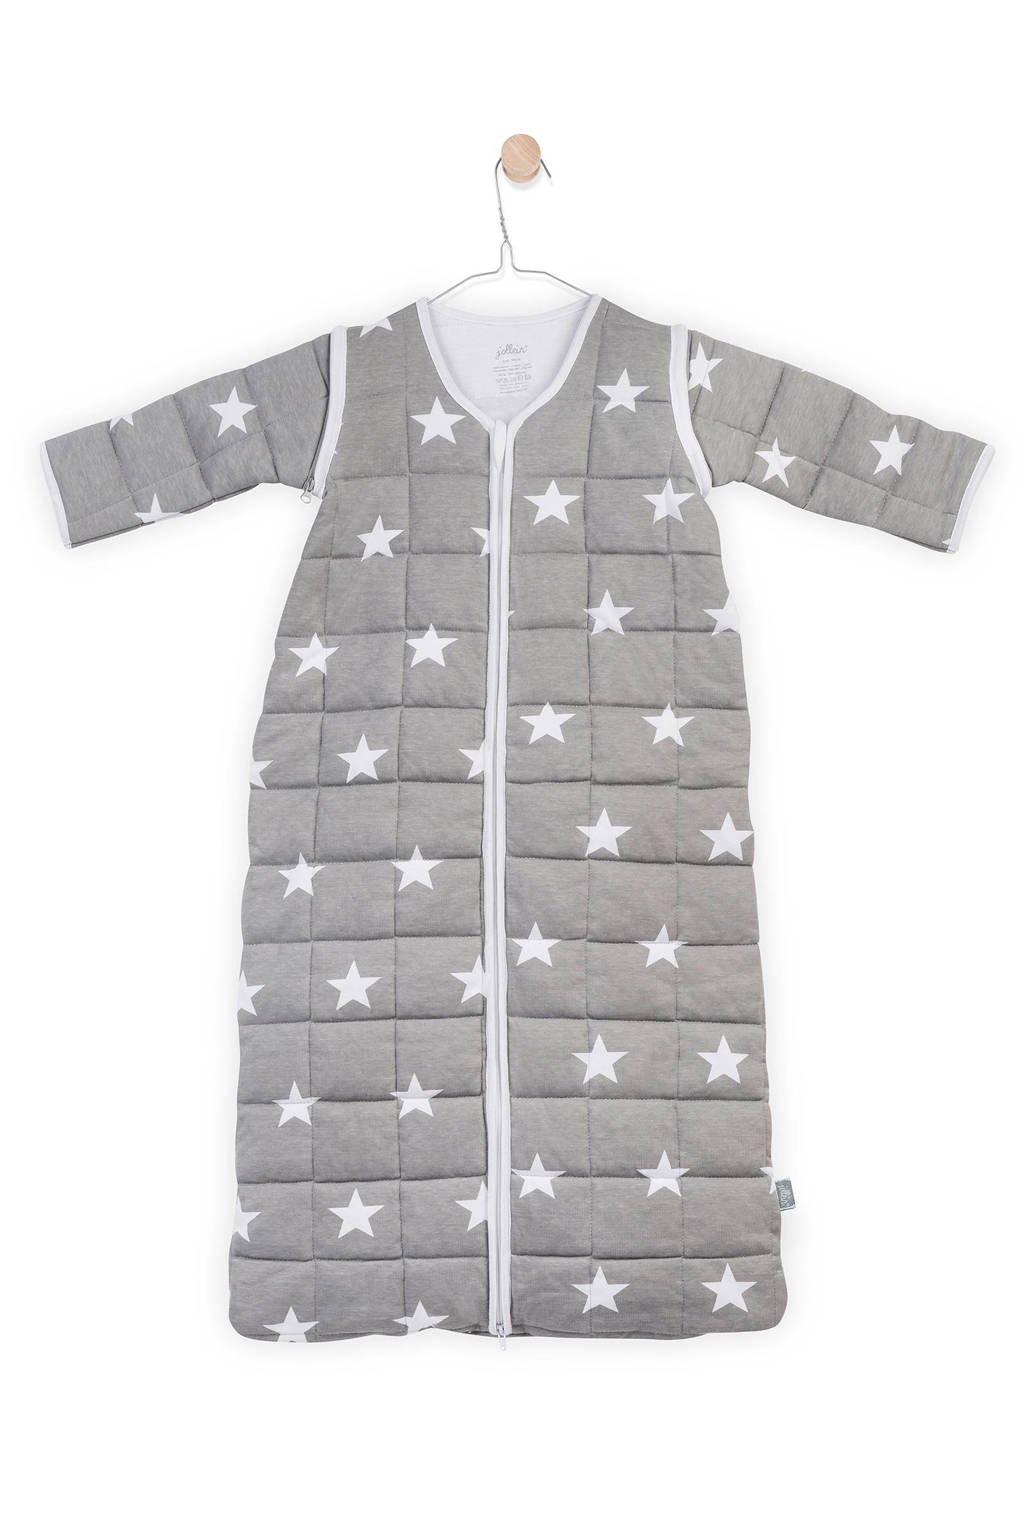 Jollein Little Star 4-seizoenen baby slaapzak 6-18 mnd grijs, Grijs, 90